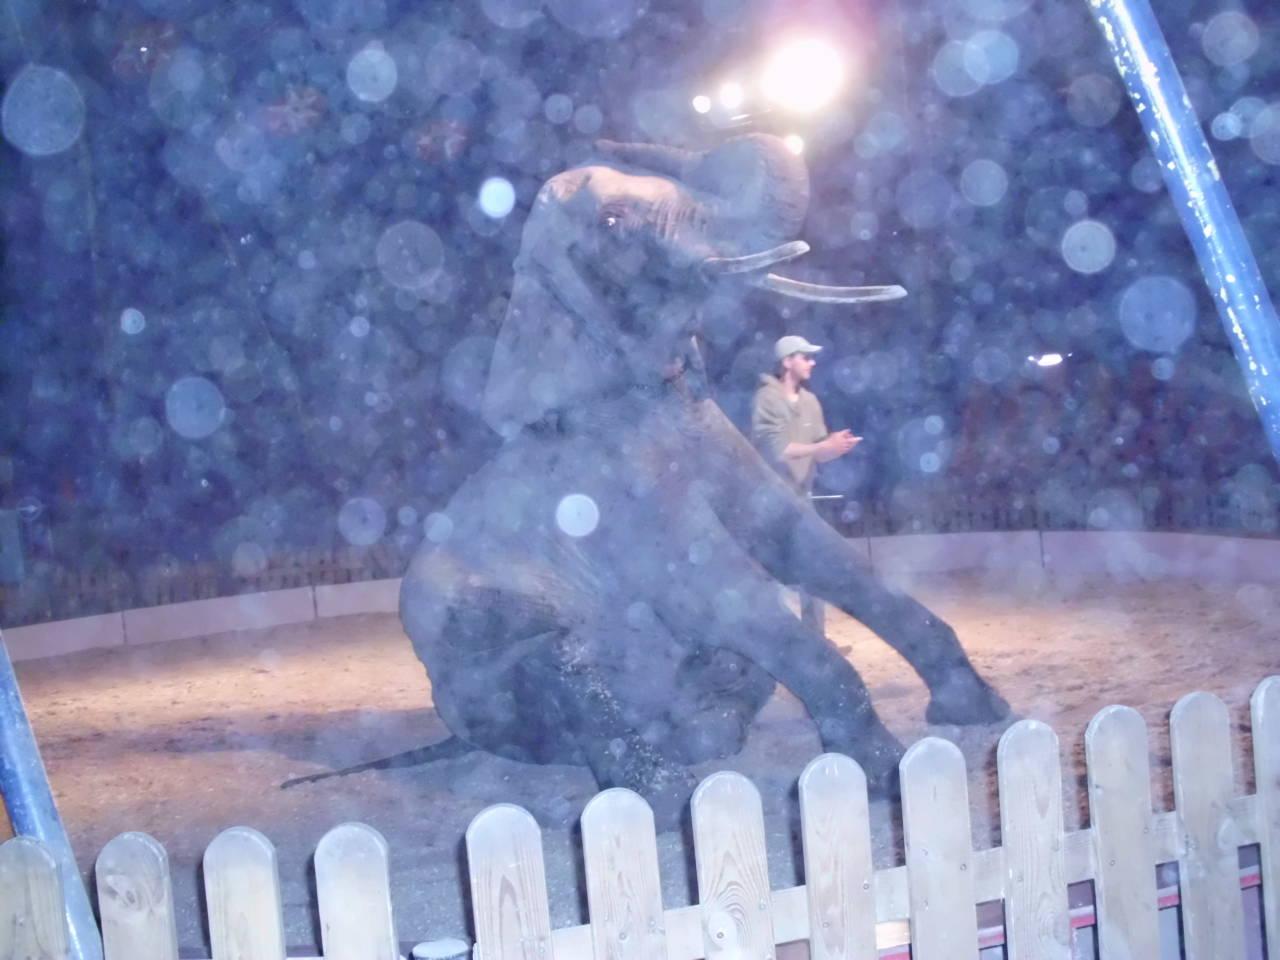 Orbse ausgelöst durch den Trainer der Elefanten, der eine Nahtoderfahrung hatte